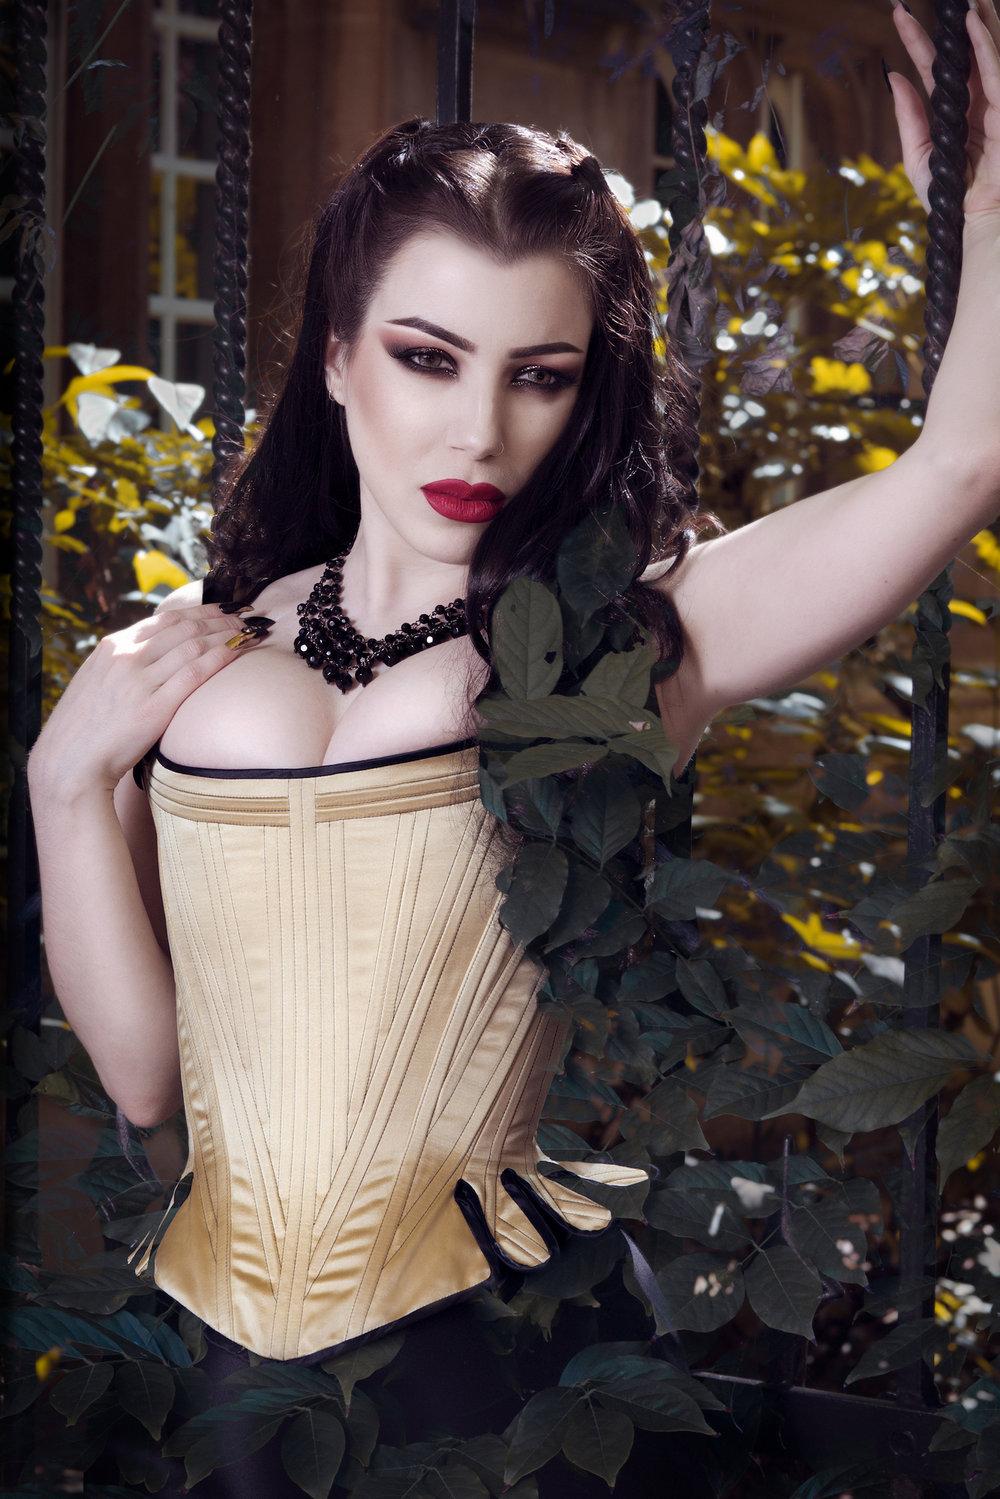 Sara Homeshaw - 1608 Morgana mid min eth leav 3.jpg